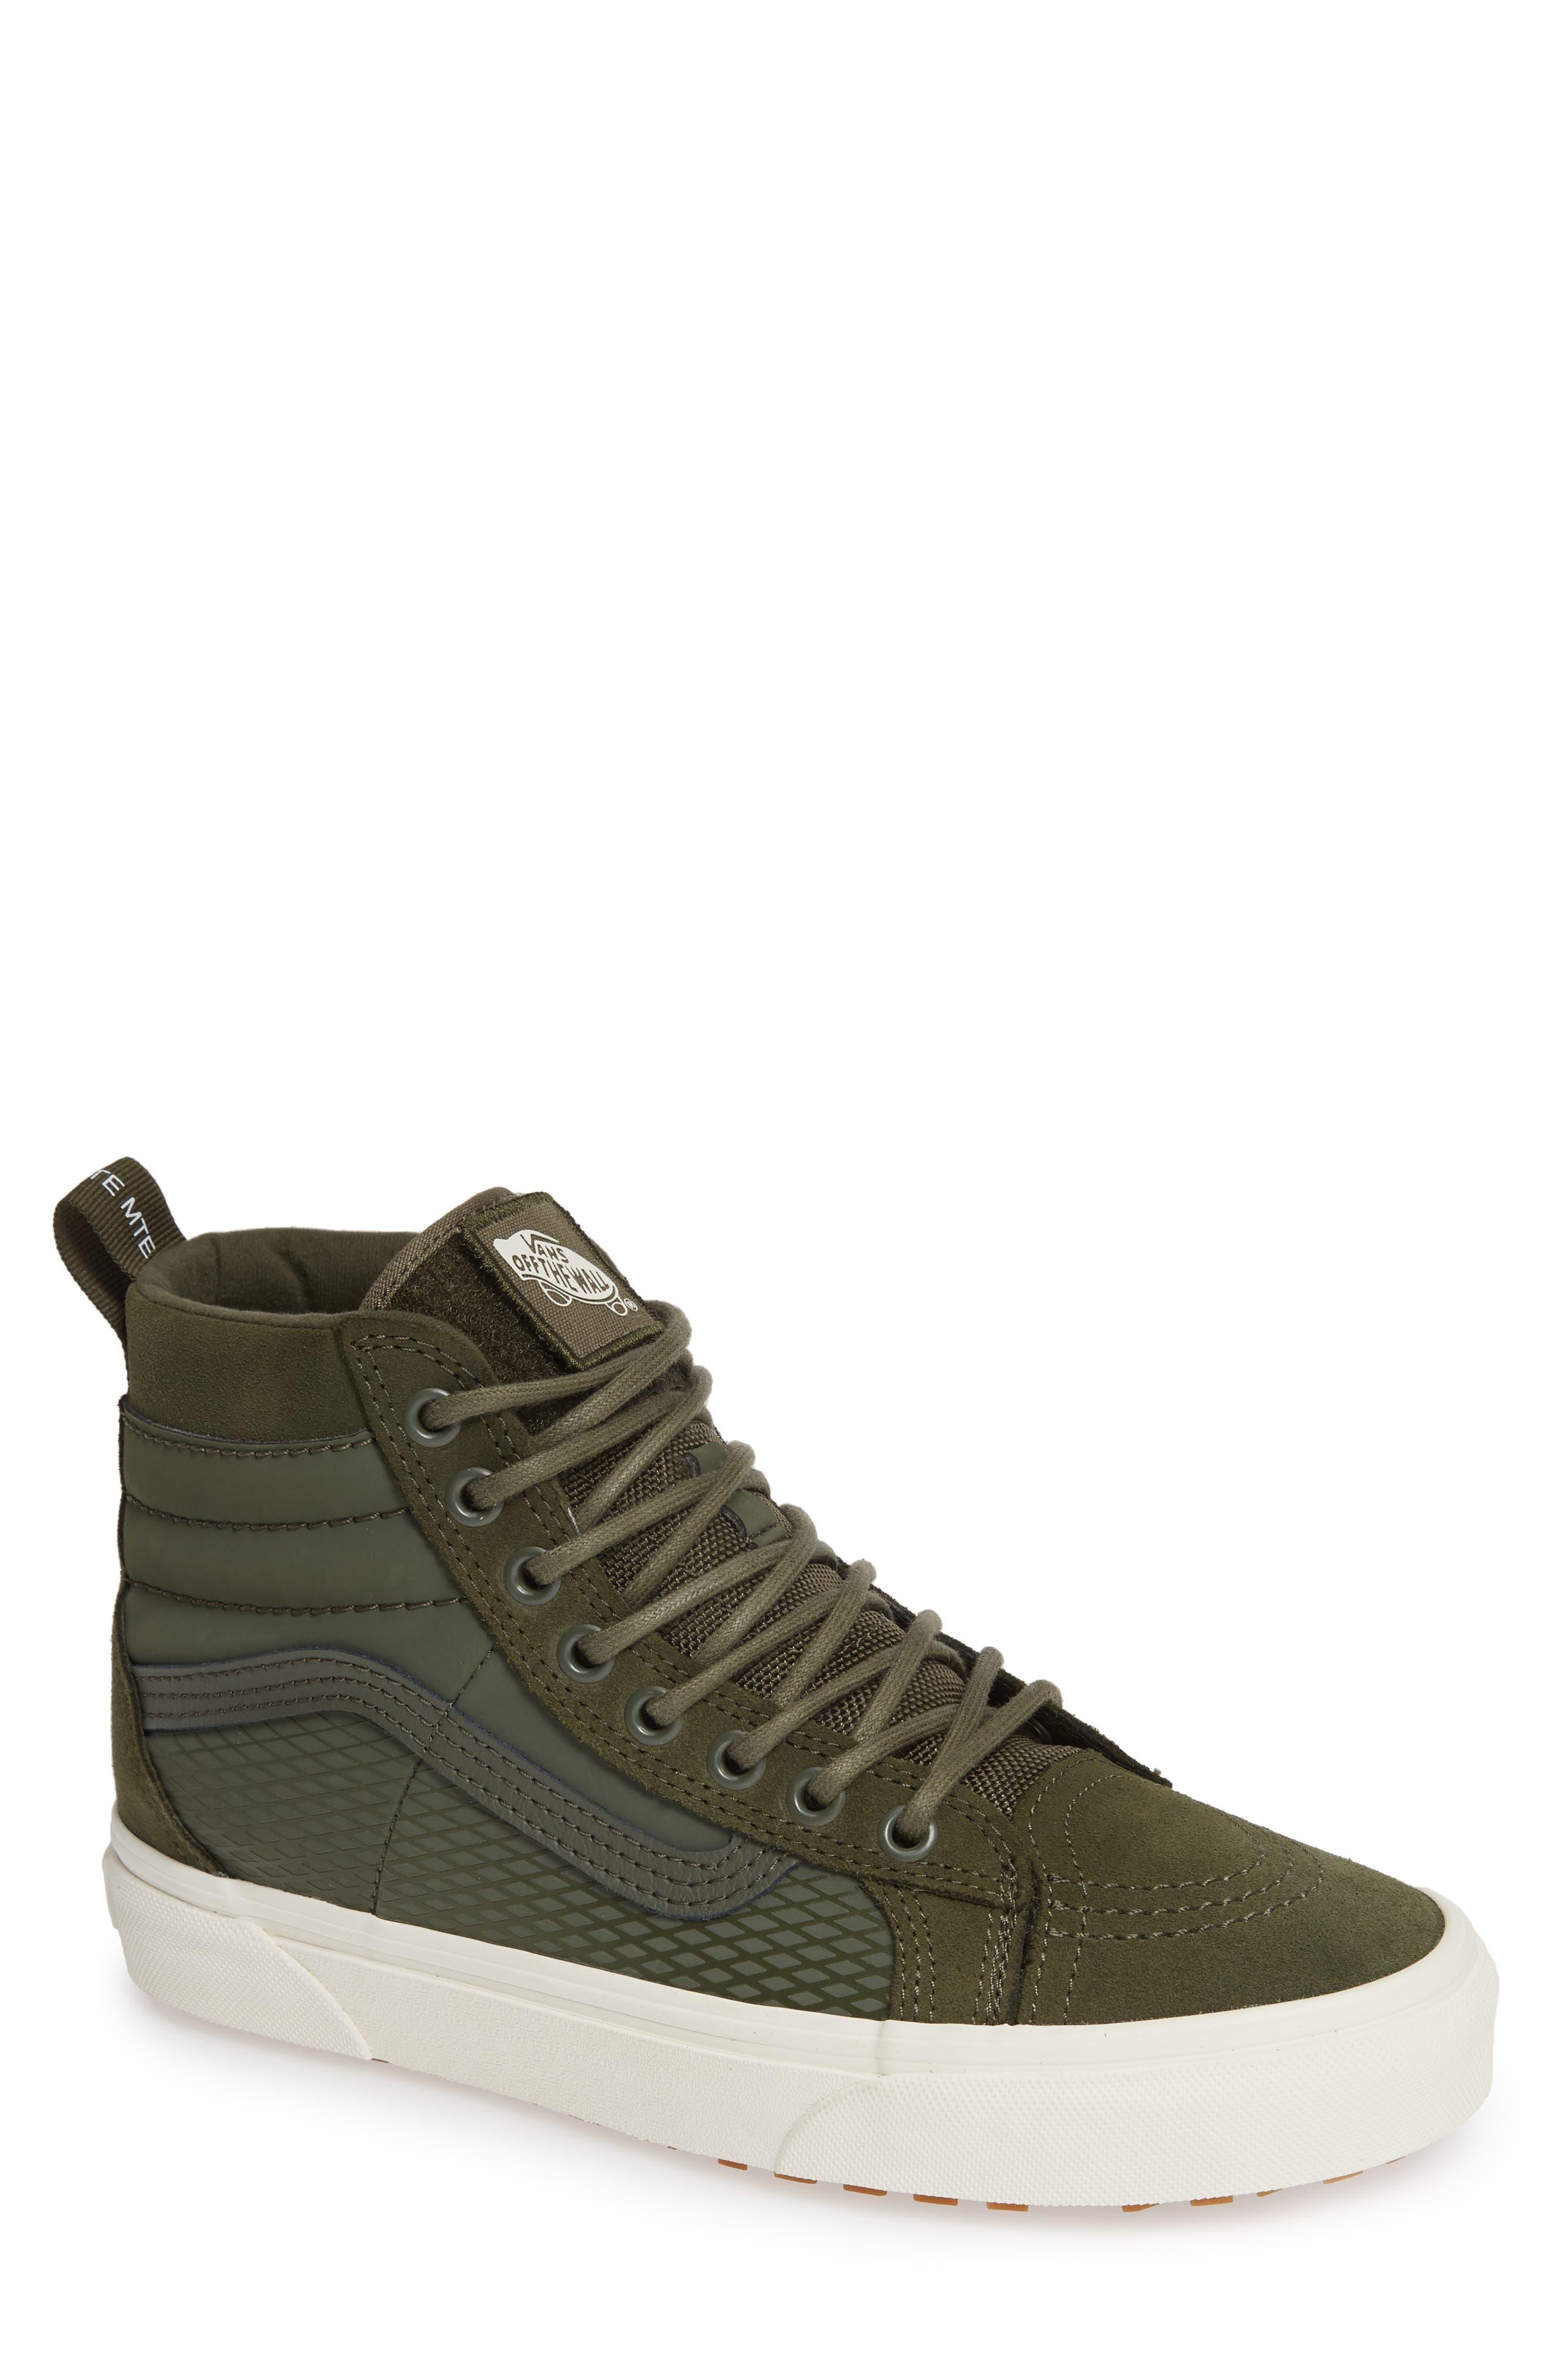 Sk8-Hi 46 MTE DX Sneaker,                         Main,                         color, GRAPE LEAF